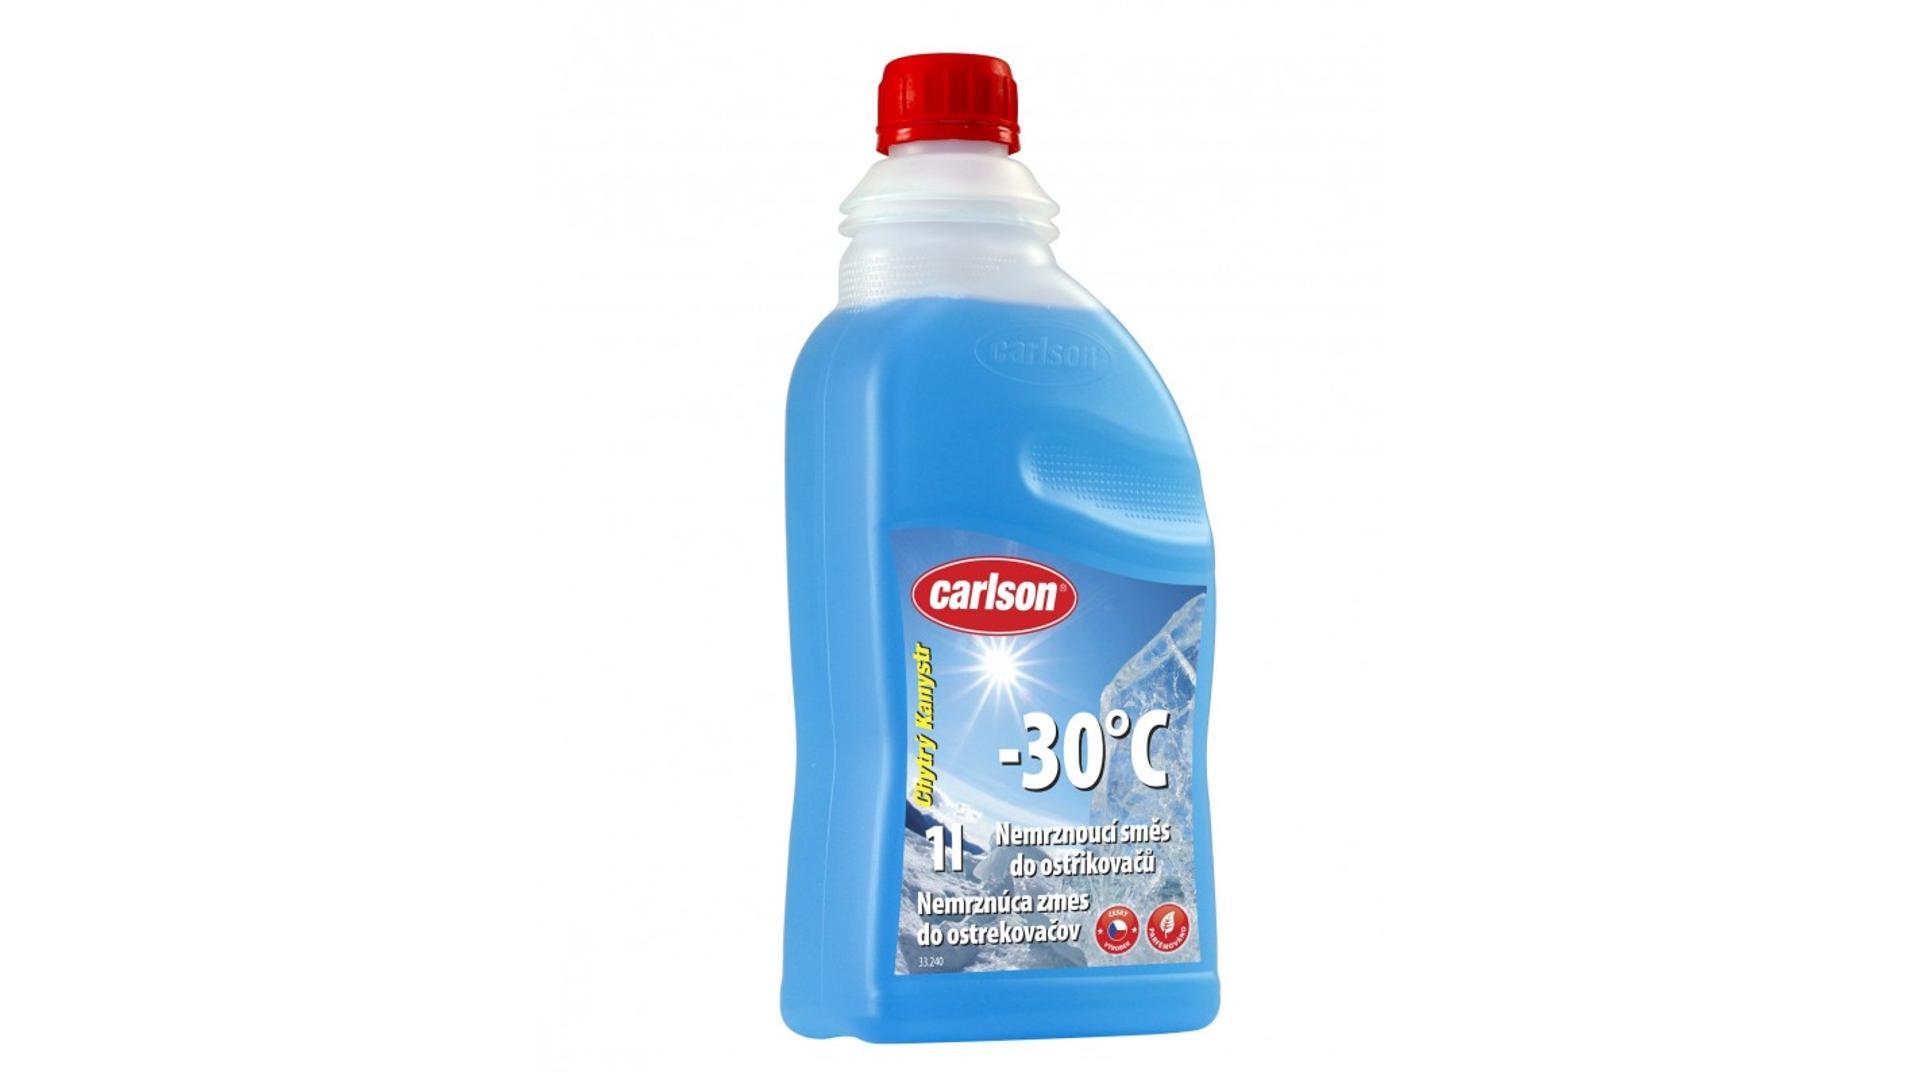 ZIMNÁ ZMES DO OSTREKOVAČOV -30°C - 1L - CARLSON FLEXI